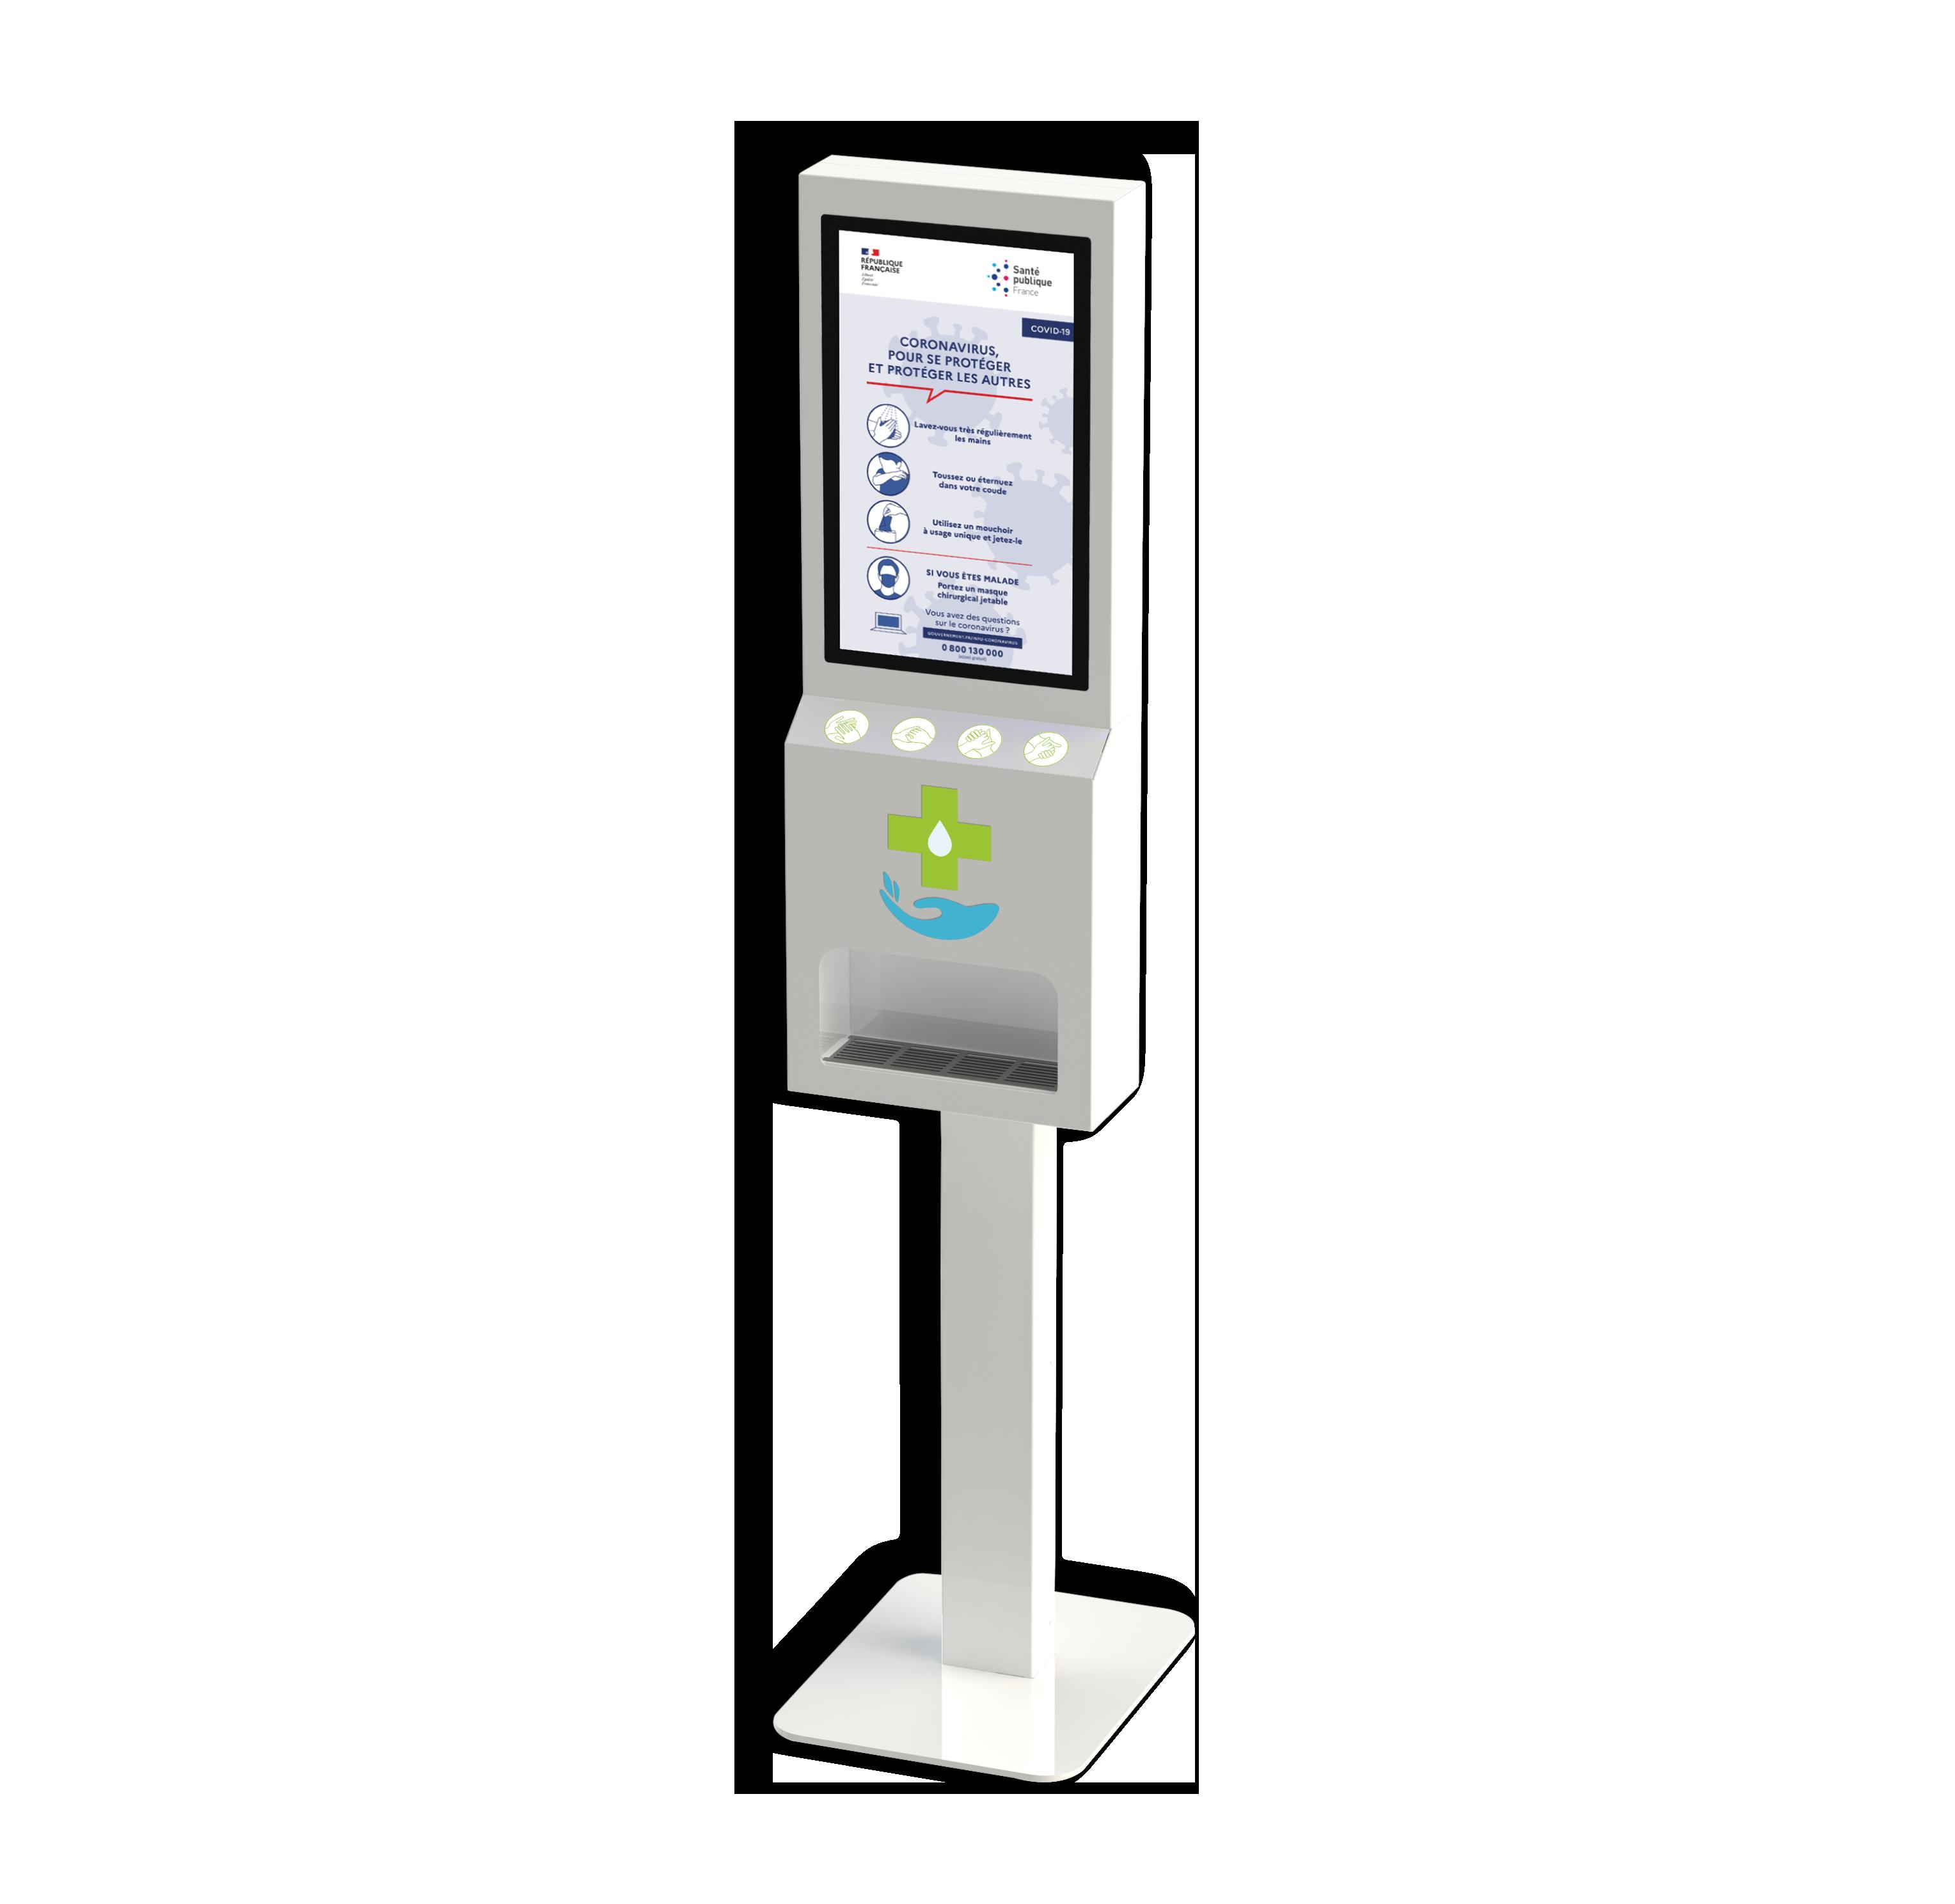 Borne digitale et automatique de distributions de gel hydroalcoolique